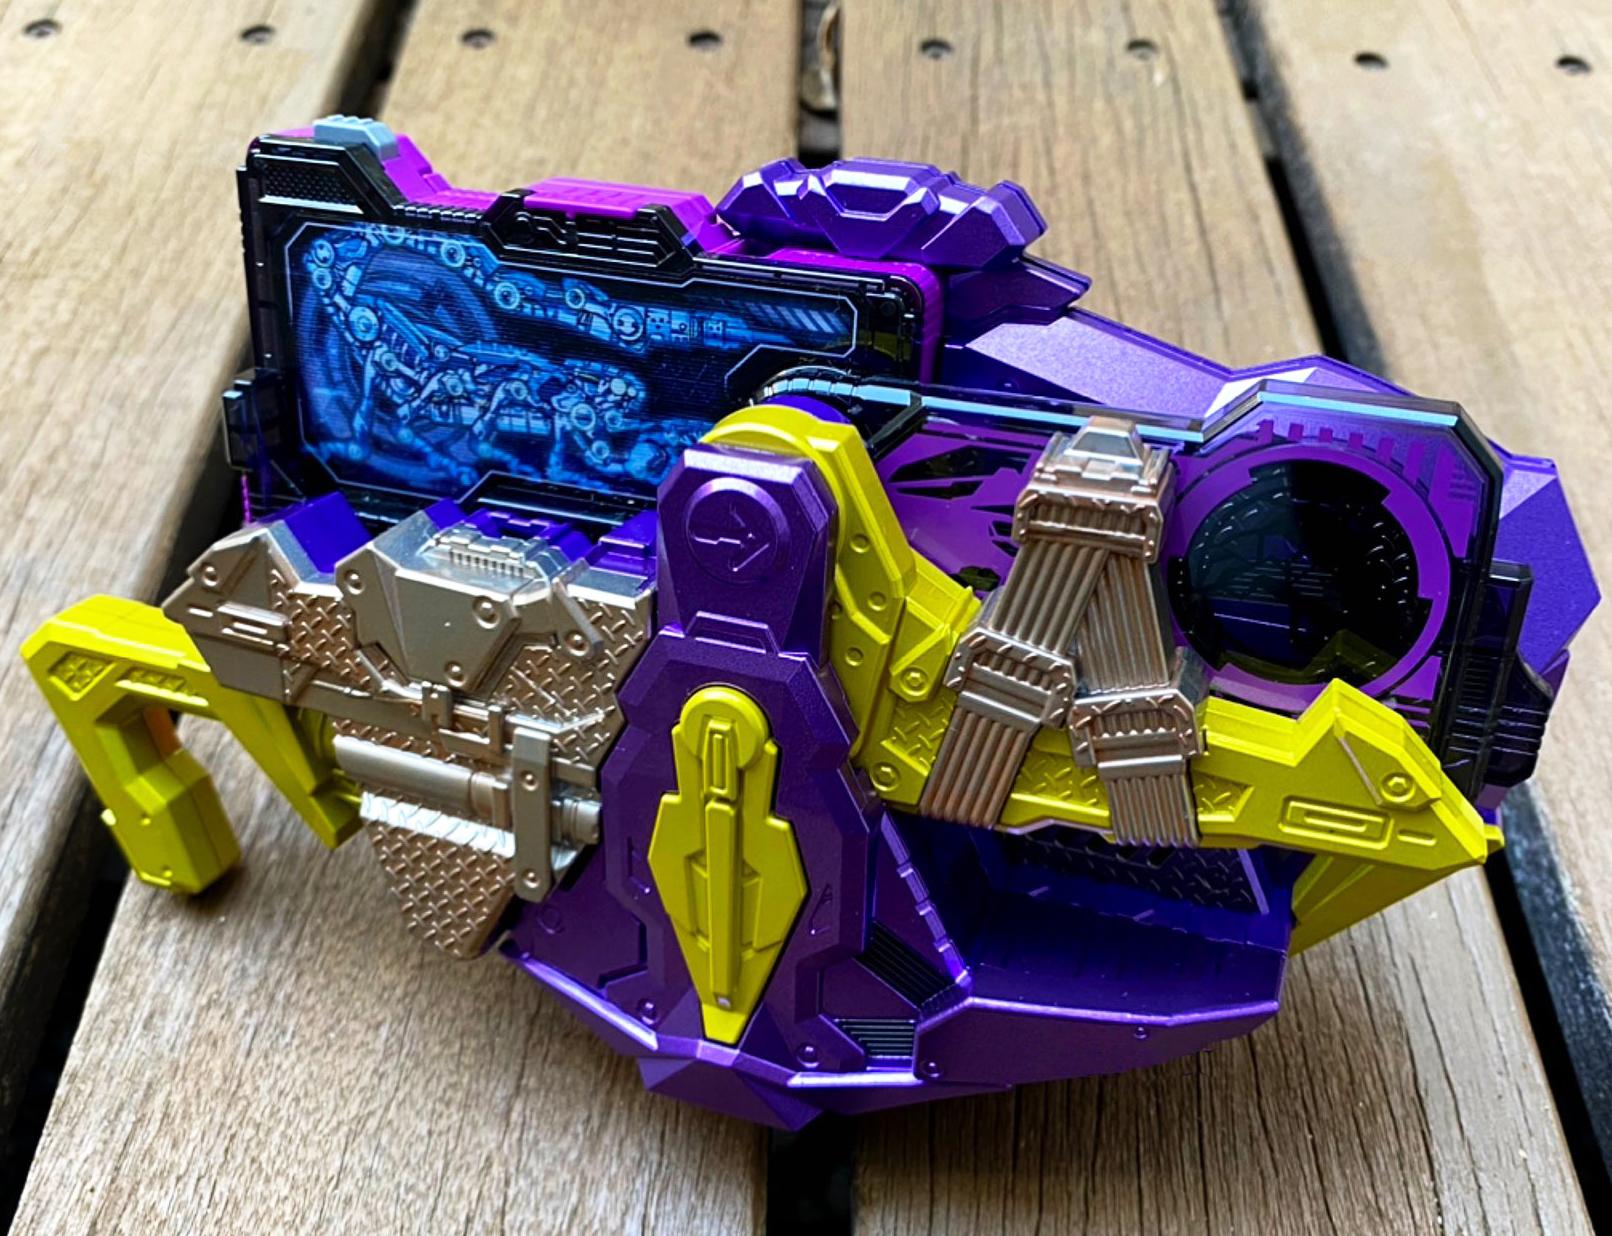 假面騎士:由漫迷改裝的6種變身道具,與終騎獲得雙倍強化